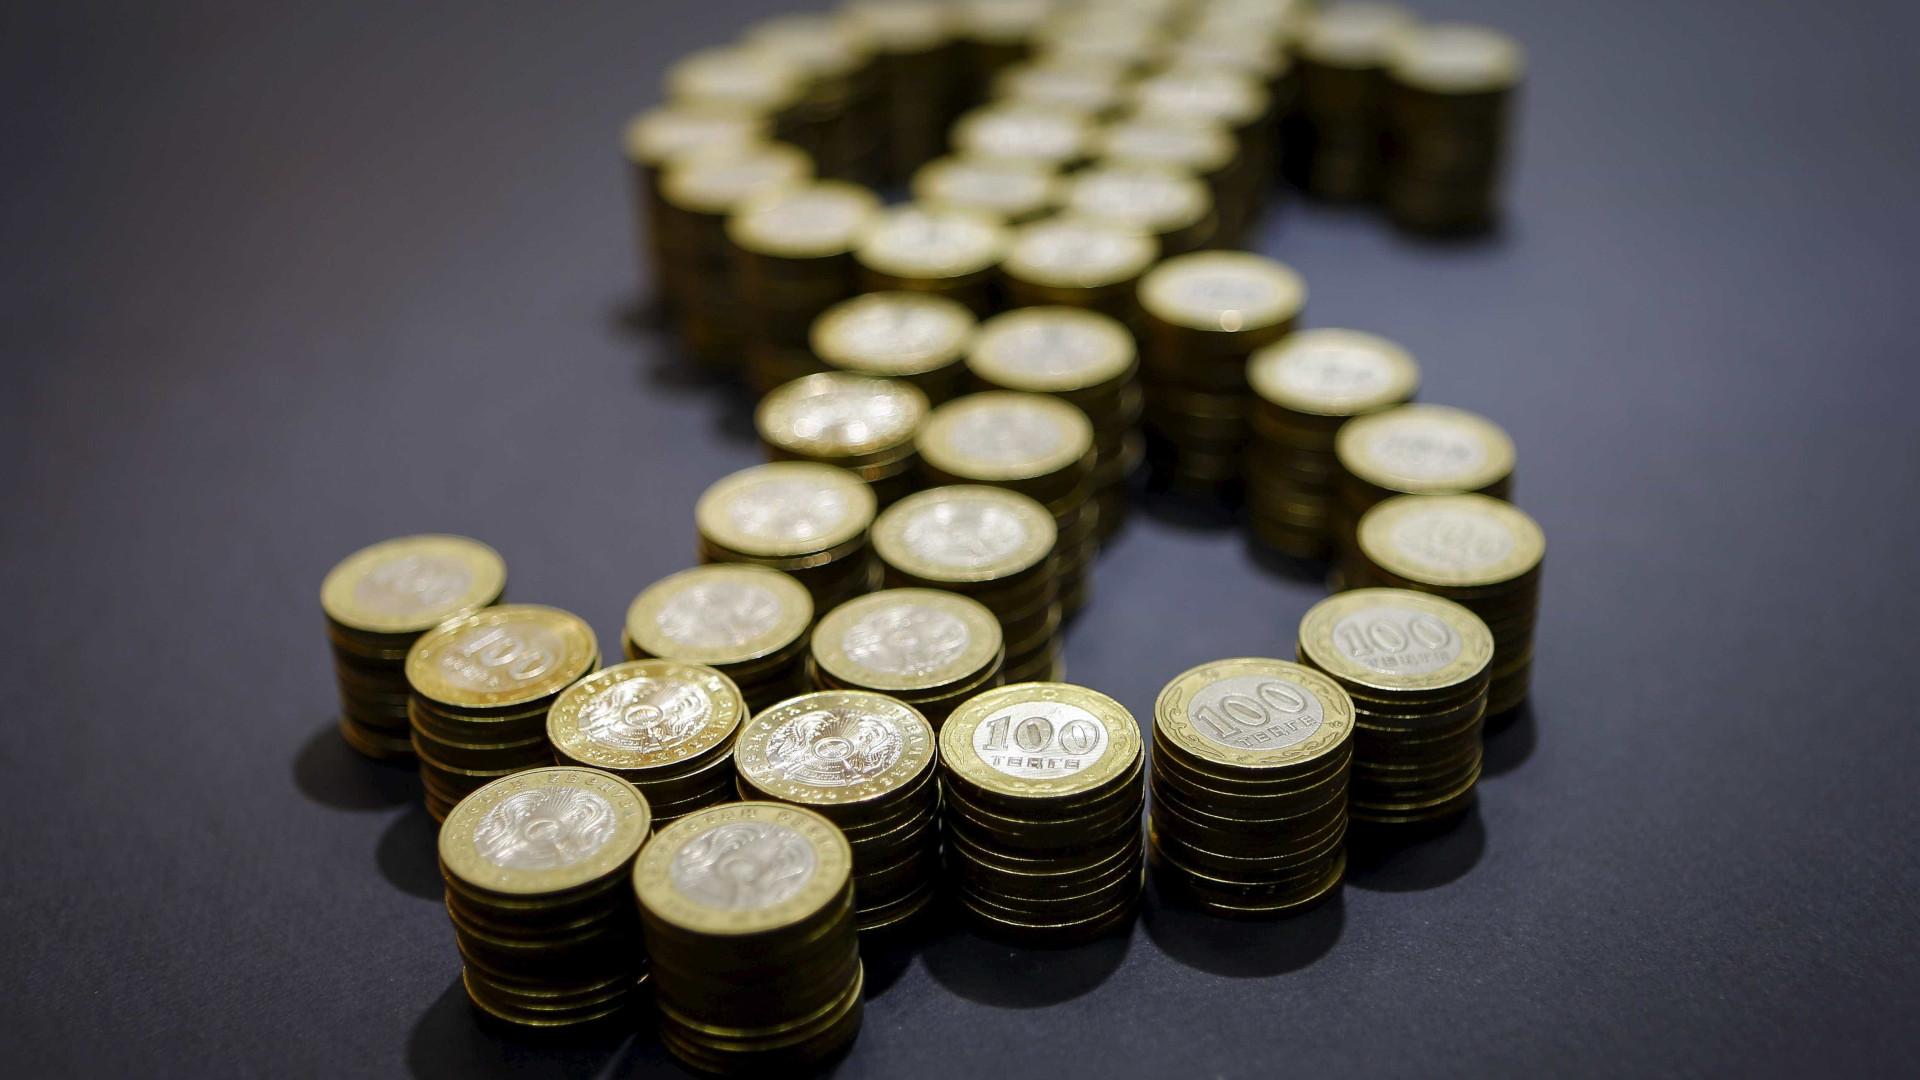 China relata progresso no desenvolvimento de moeda digital